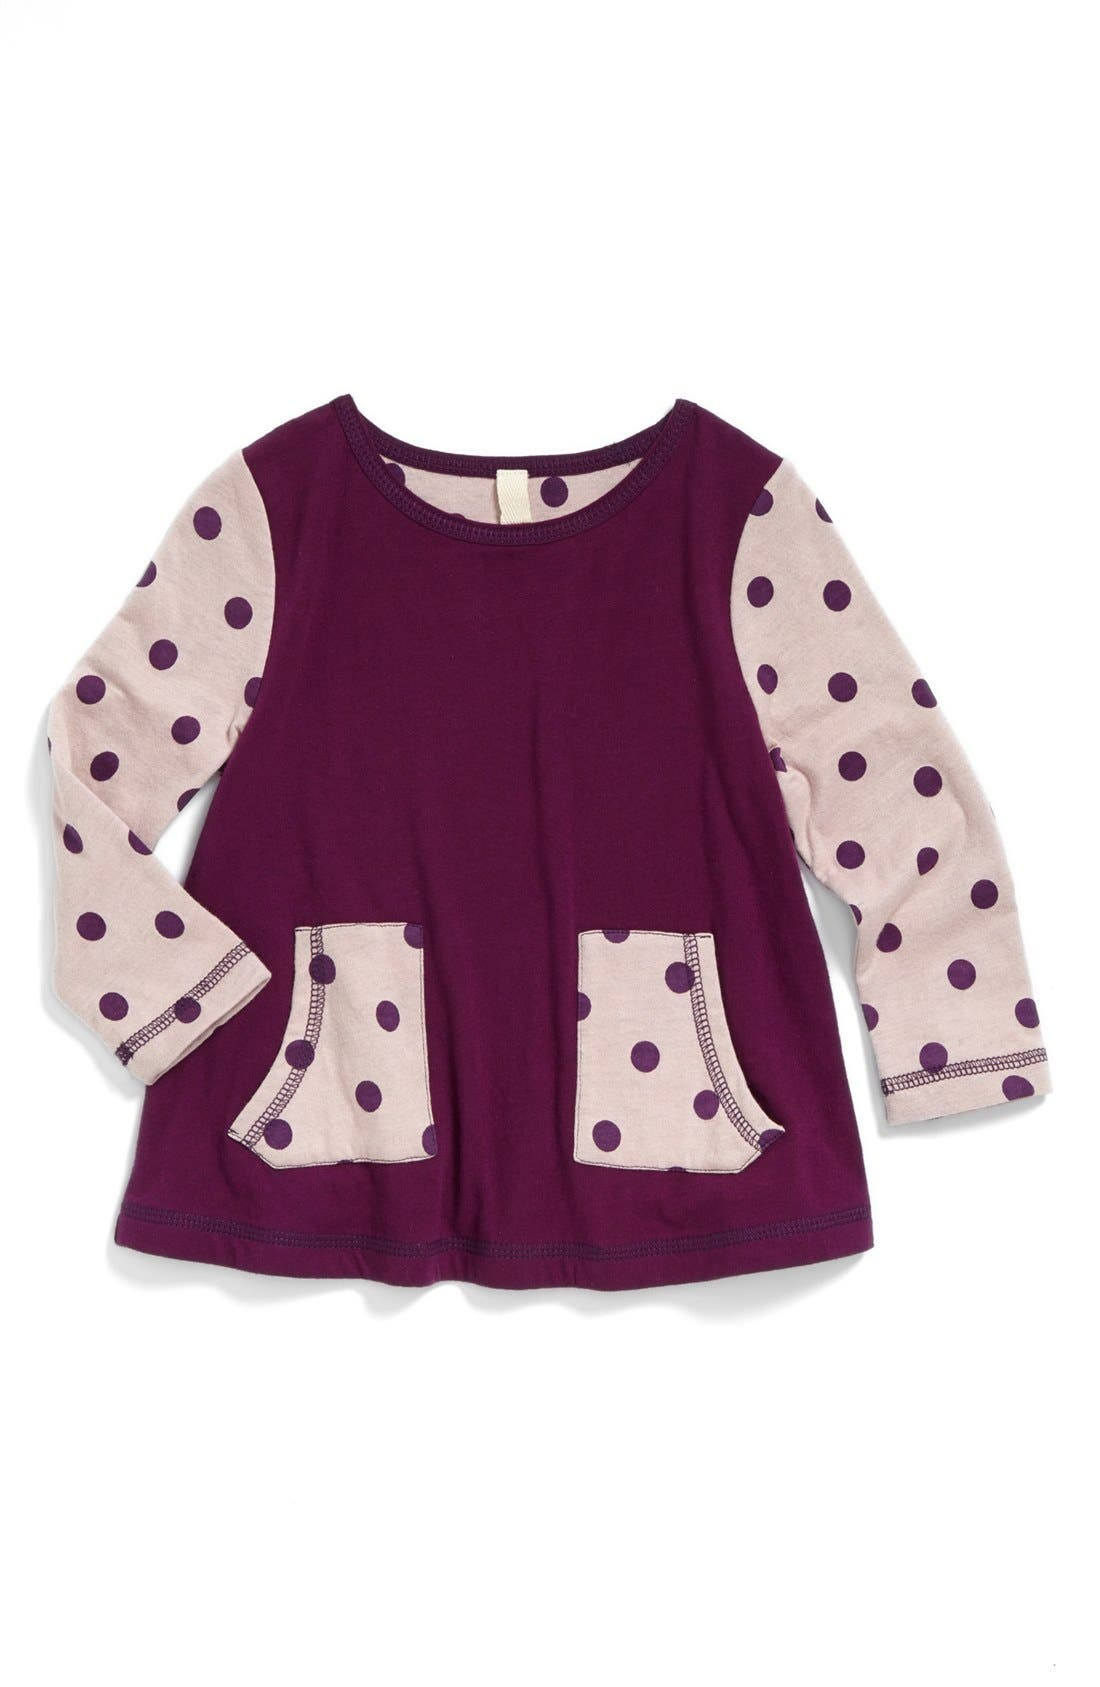 Main Image - Tucker + Tate 'Steph' Organic Cotton Tunic (Baby Girls)